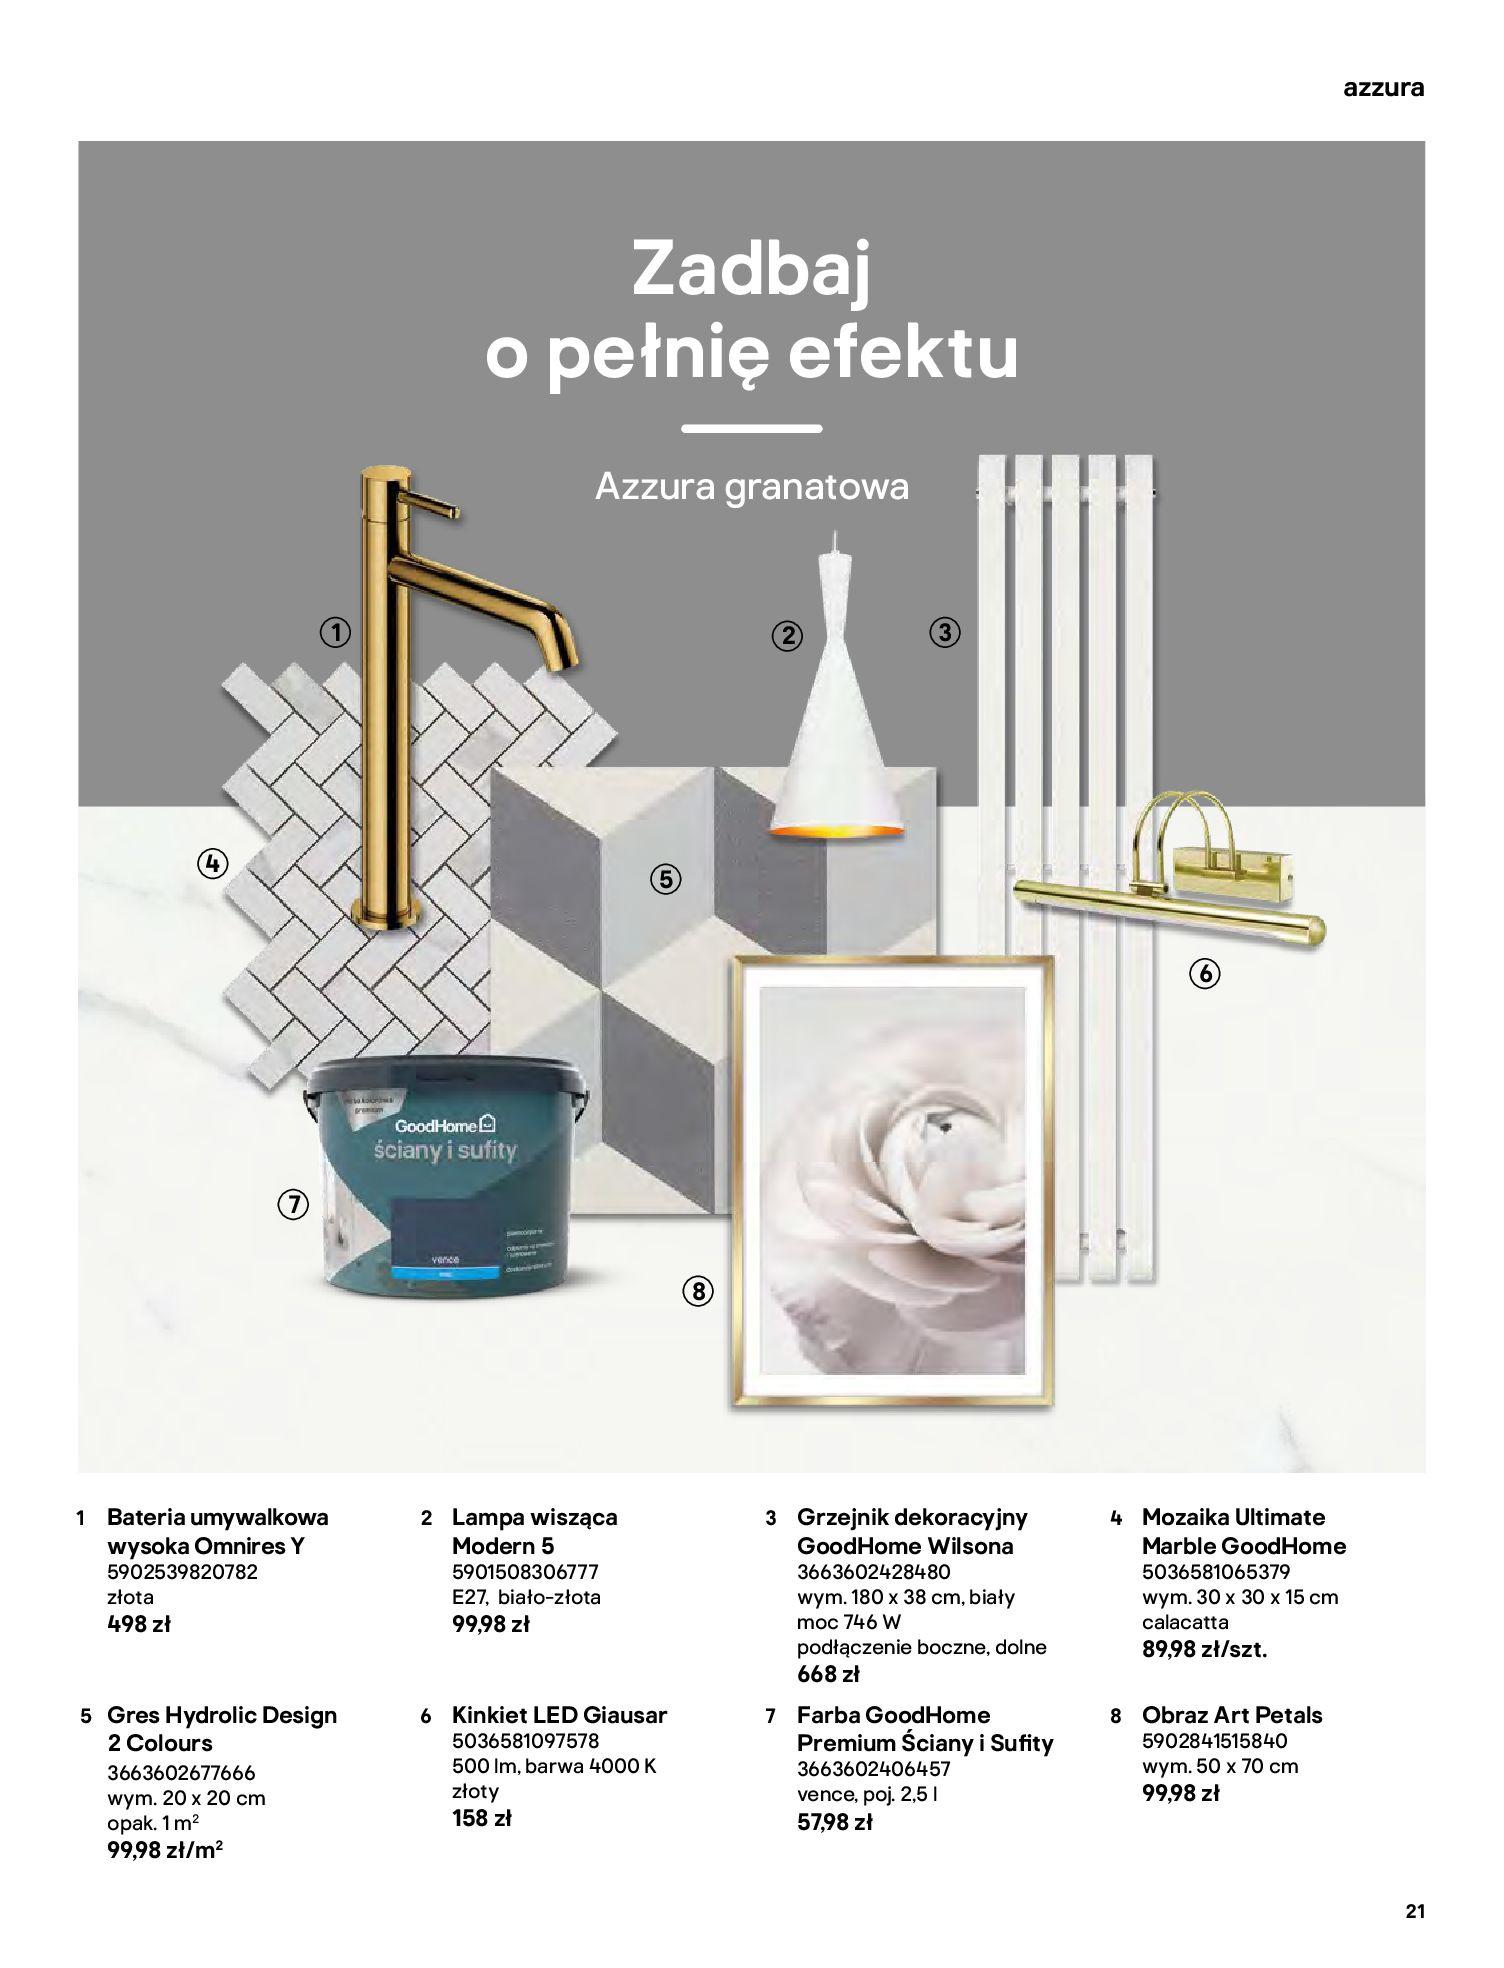 Gazetka Castorama: Gazetka Castorama - katalog łazienki 2021 2021-06-16 page-21